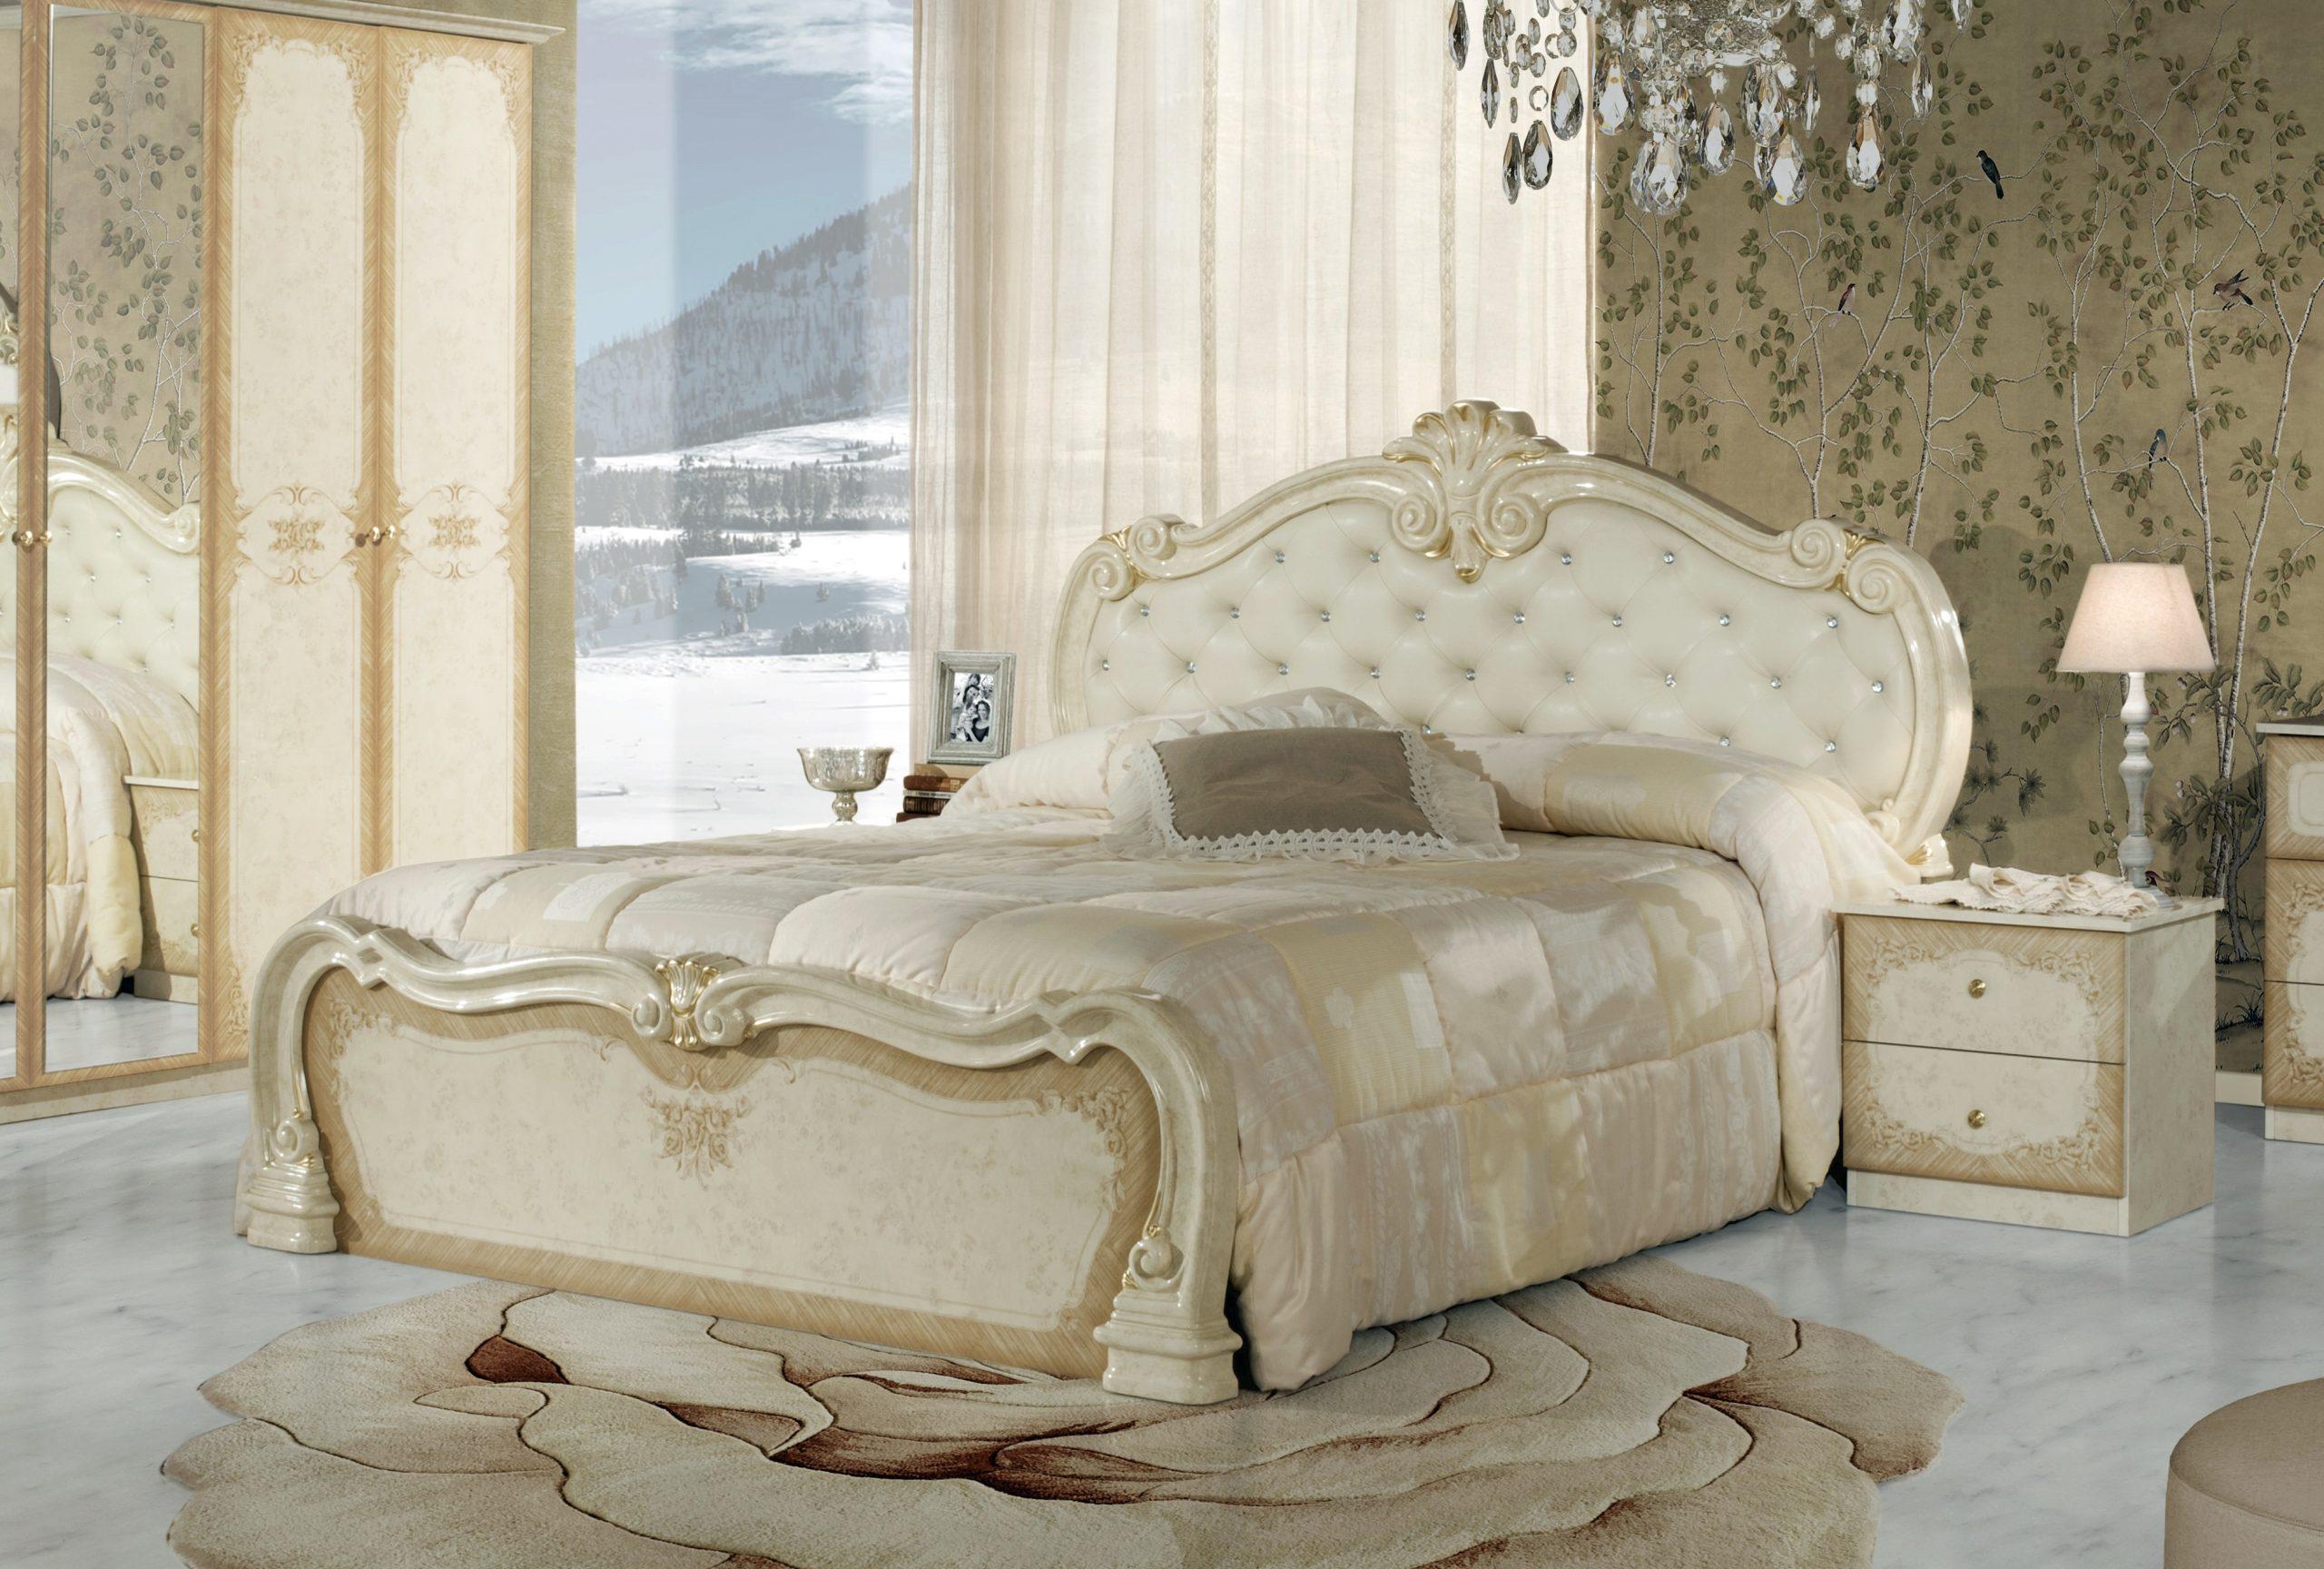 Full Size of Außergewöhnliche Betten Barock Bett Toulouse 160x200cm In Beige Gold Ebay Auergewhnliche Jabo Coole Test Massiv Outlet 140x200 Weiß Bei Ikea Mit Bett Außergewöhnliche Betten